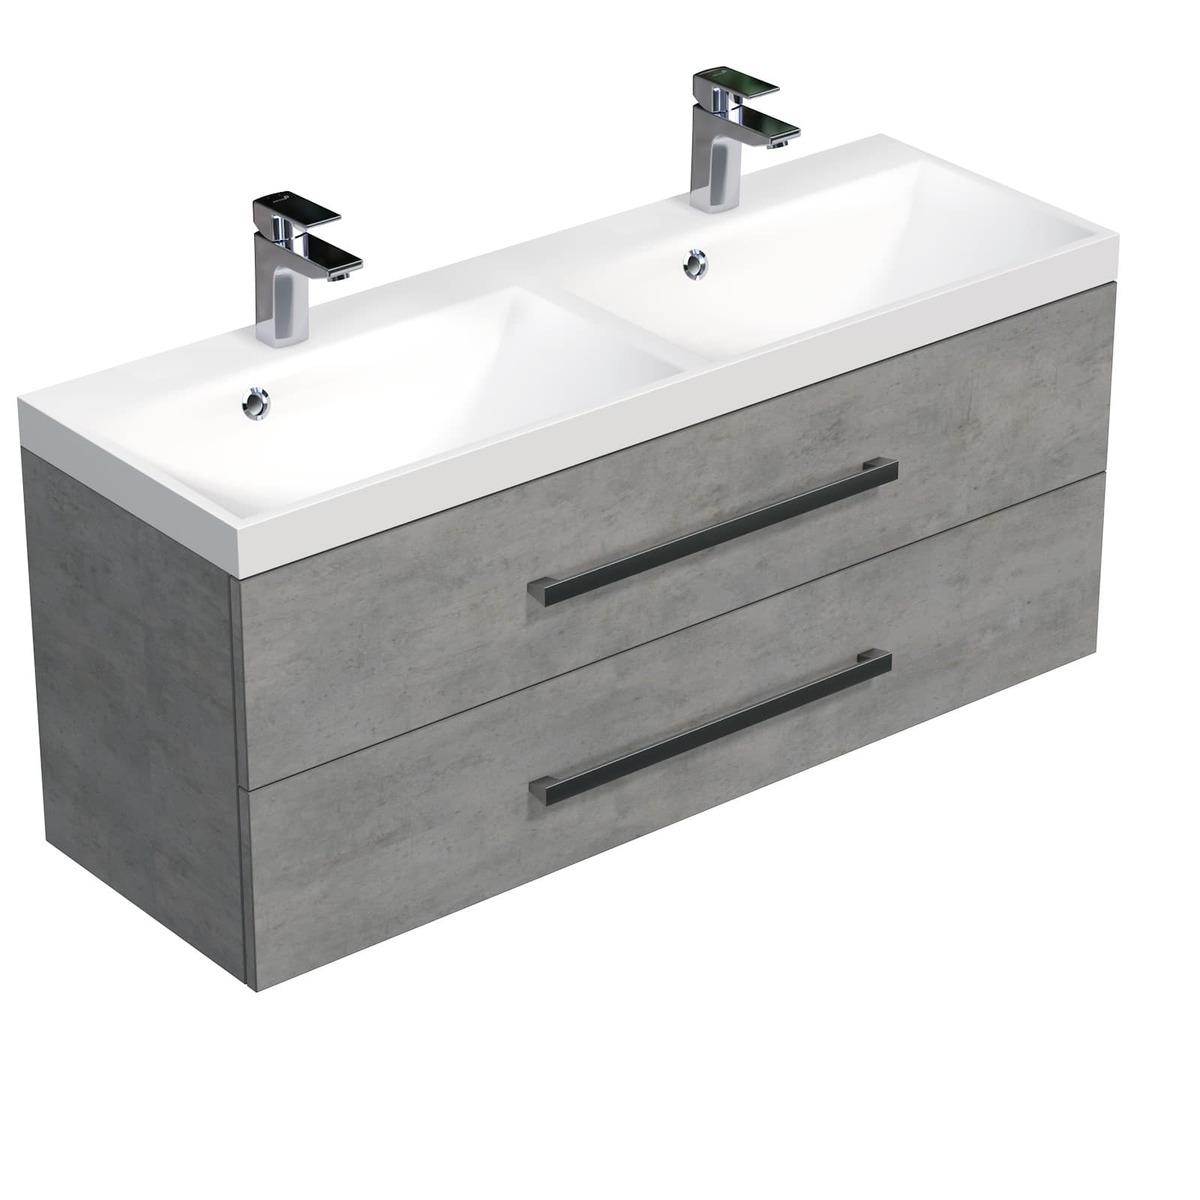 Koupelnová skříňka s umyvadlem Naturel Cube Way 120x53x40 cm beton CUBE2120ZBE